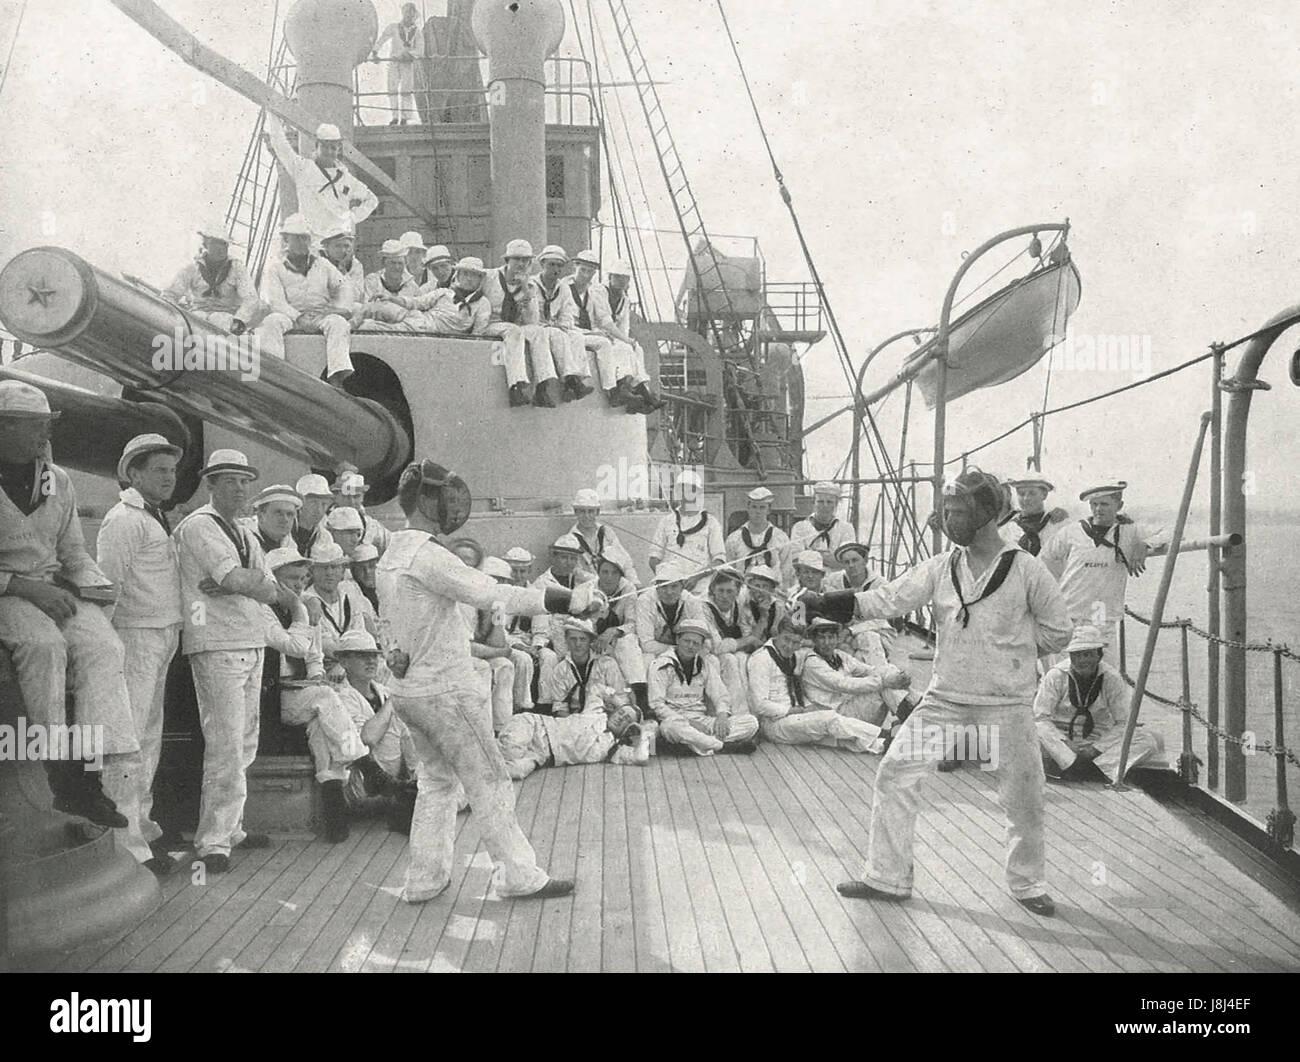 Regarder un match d'escrime à bord d'un navire de guerre américain, vers 1915 Photo Stock